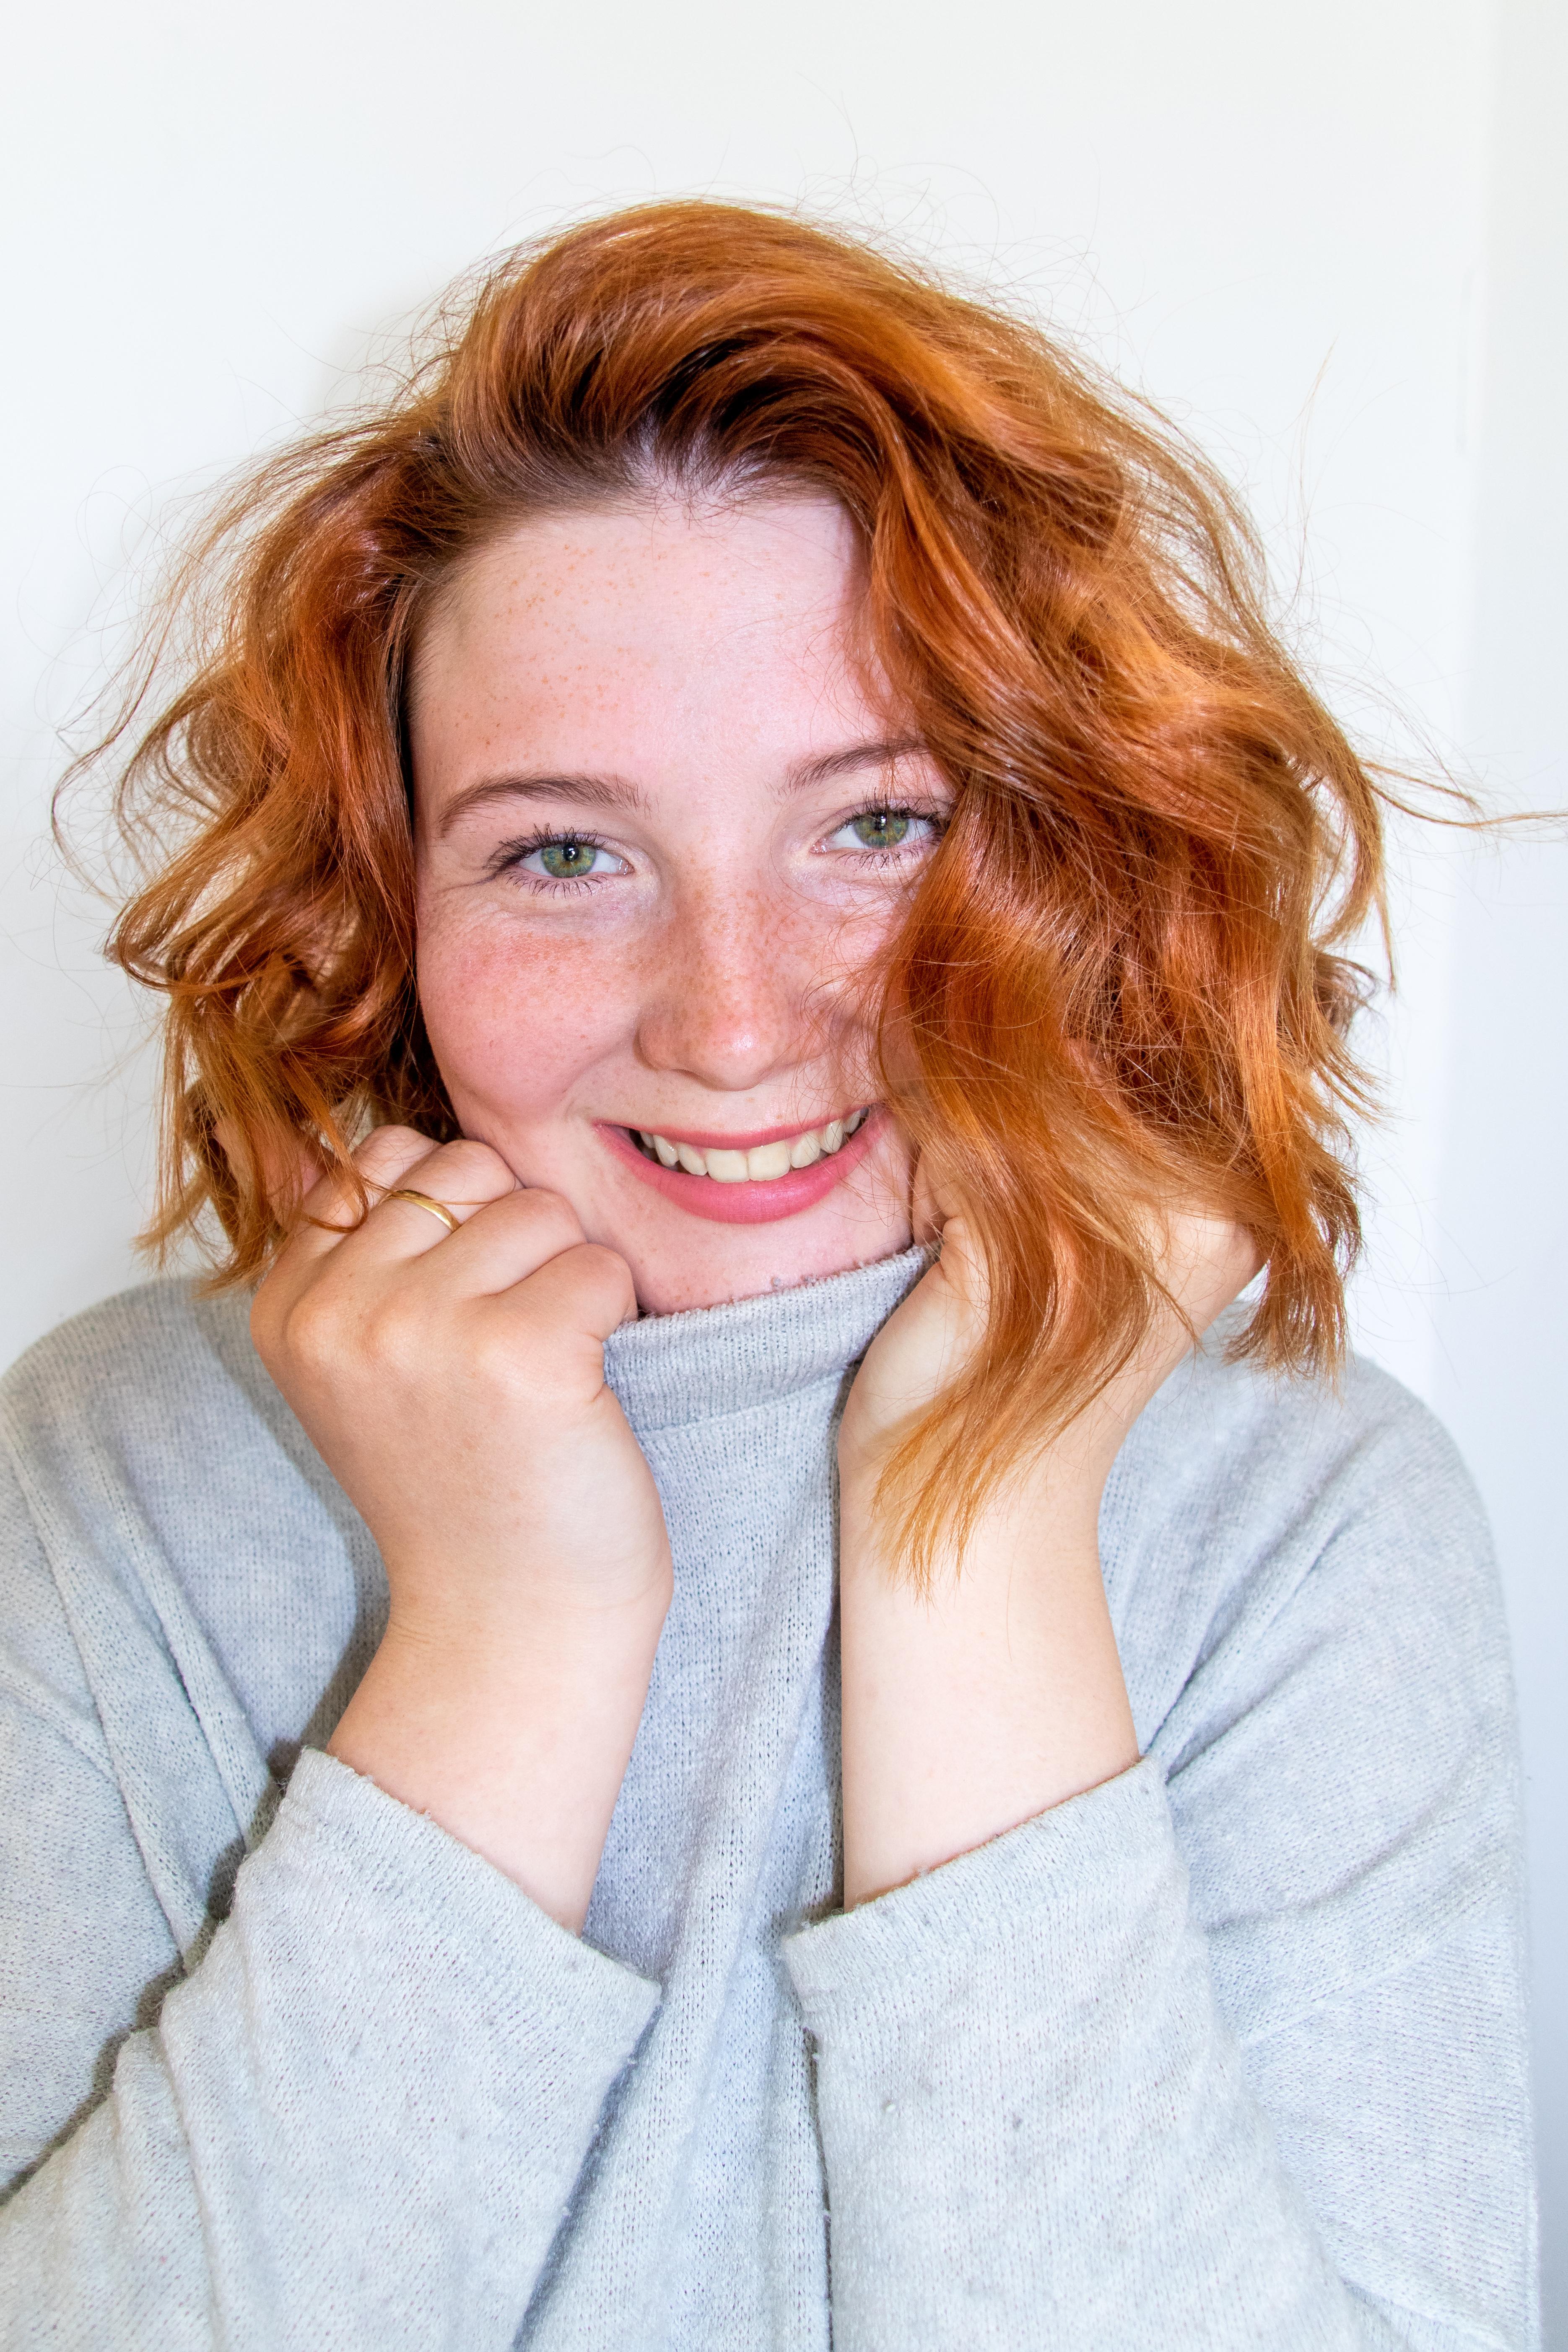 Profilbild-Luise-Kenner-Falubeli-2.jpg